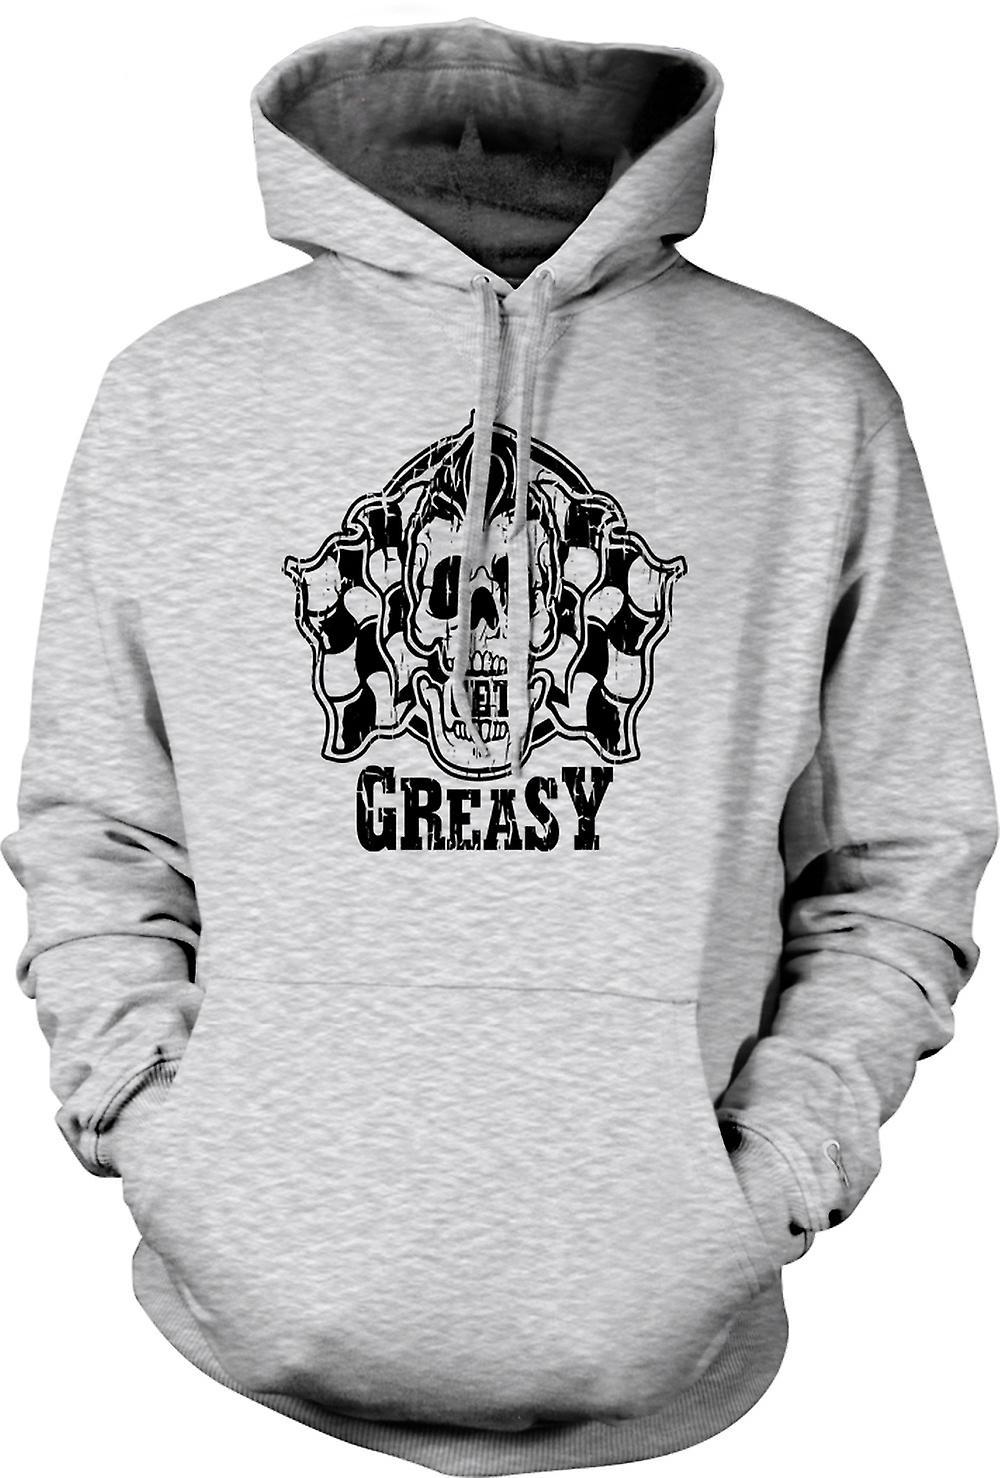 Mens Hoodie - Get Greasy - Biker